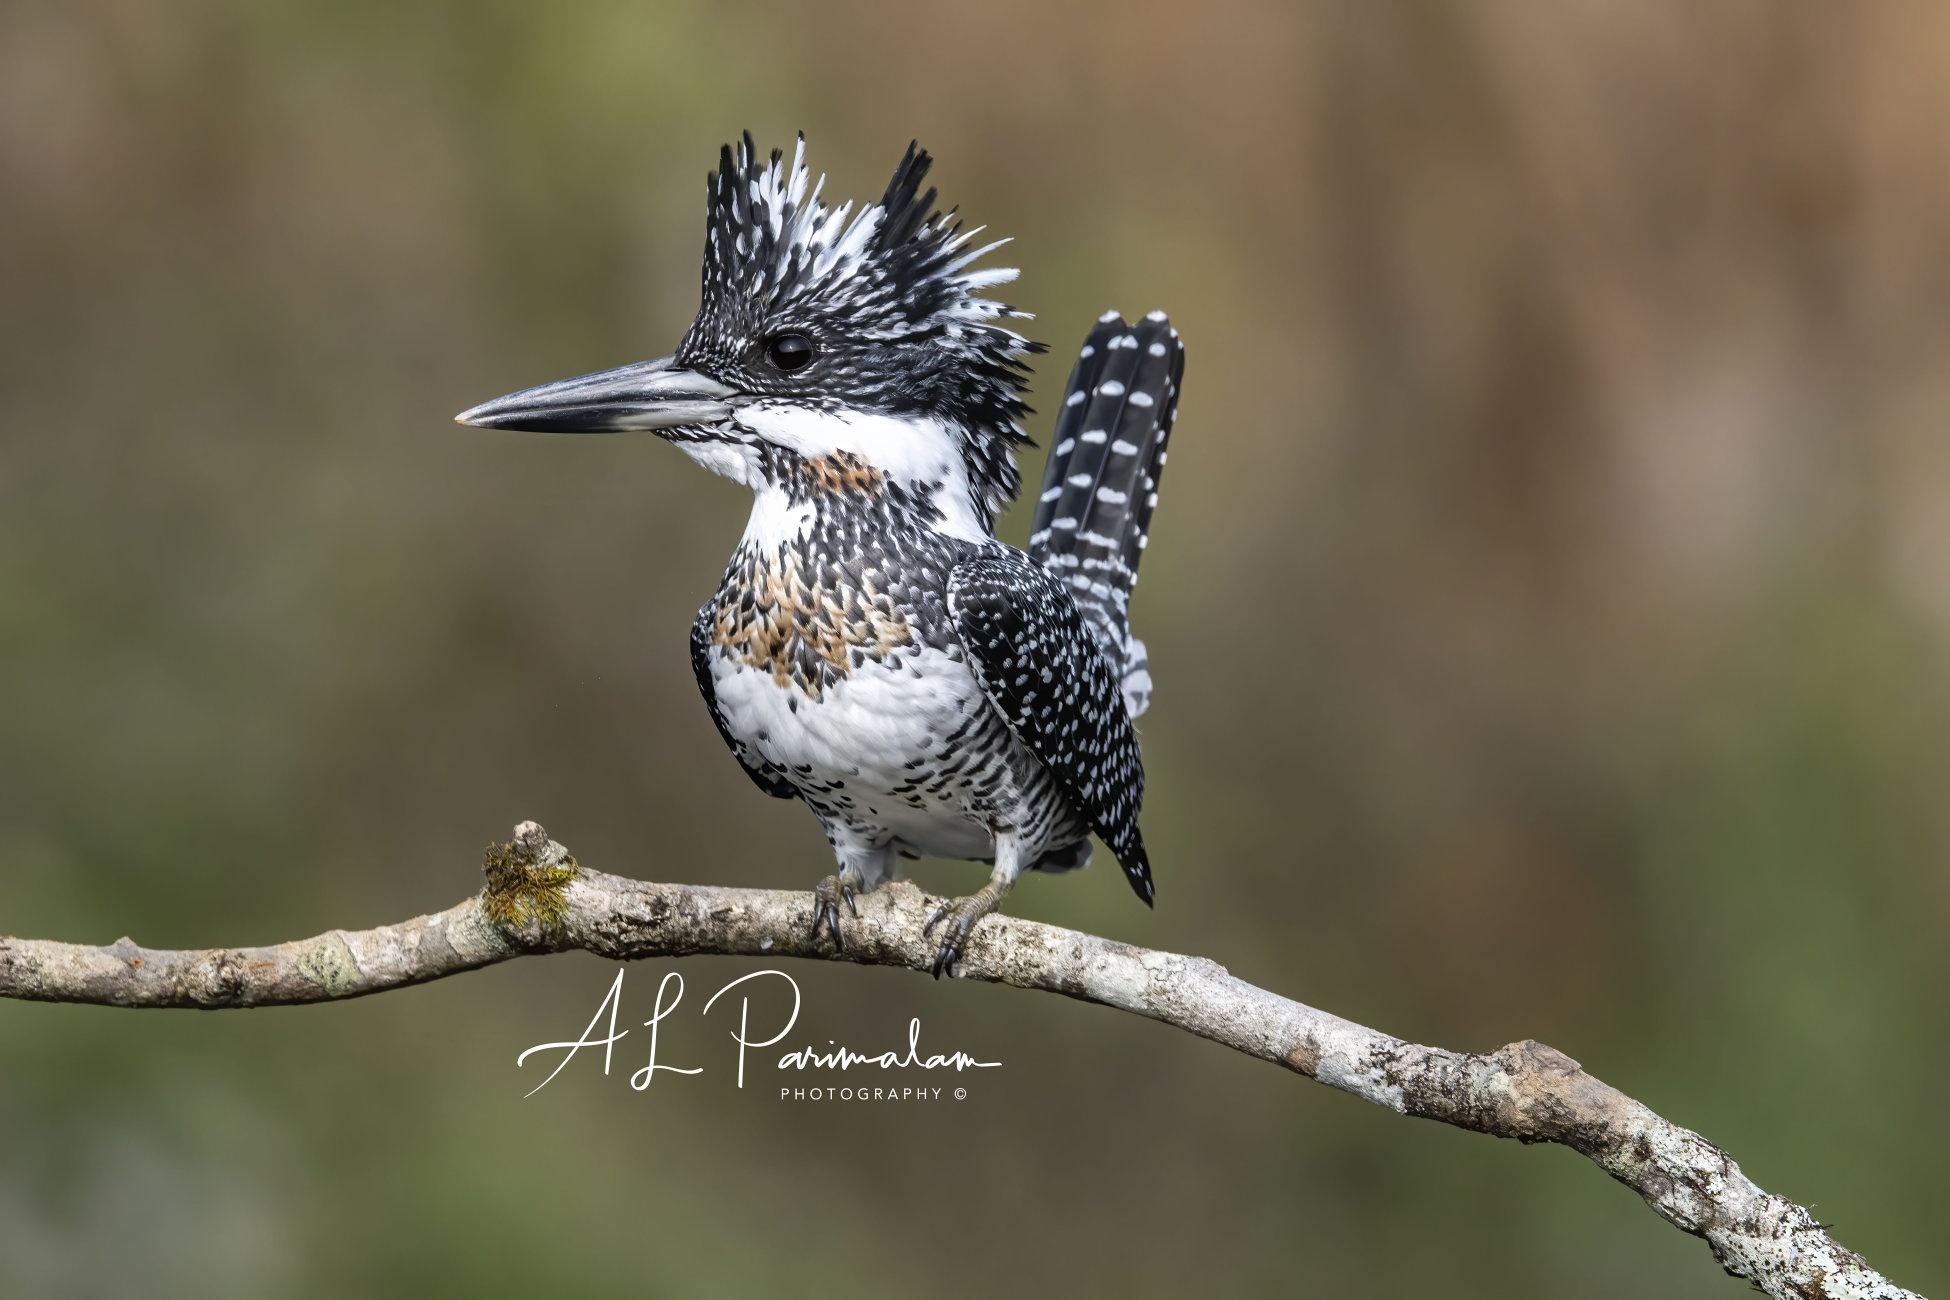 Crested Kingfisher by Pari56 | ePHOTOzine